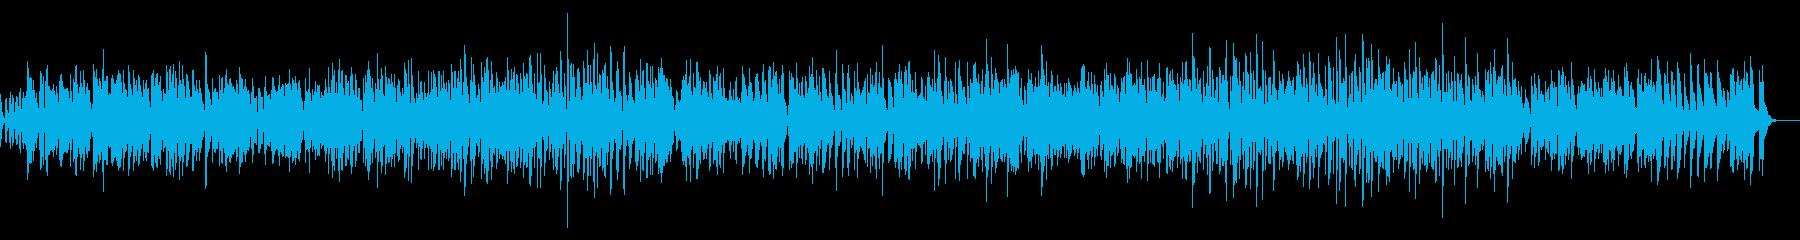 爽やか疾走感ピアノジャズオープニング系の再生済みの波形